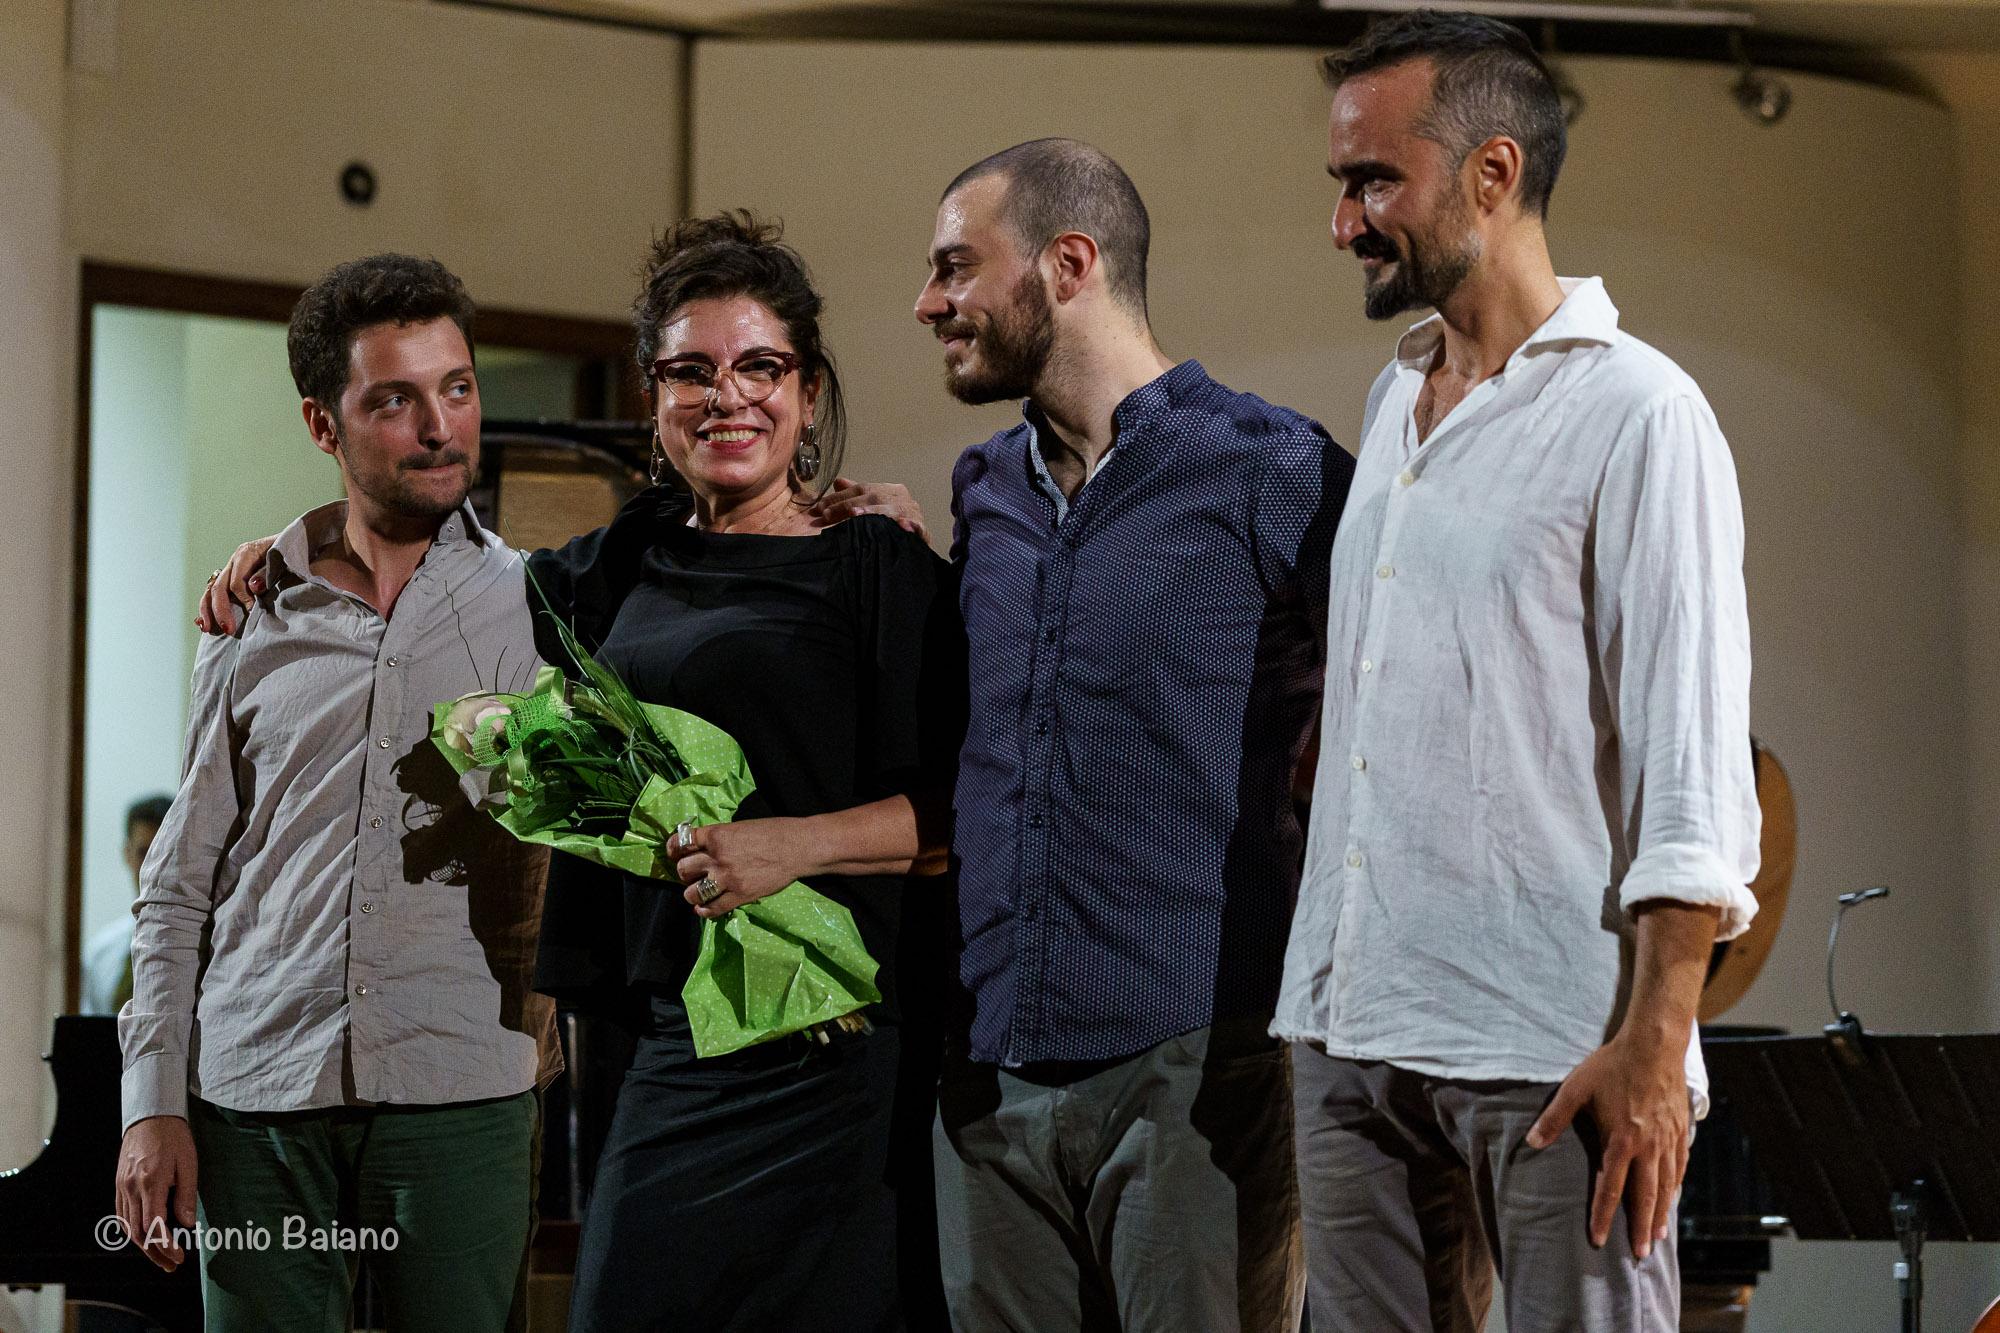 Ada Montellanico Quartet